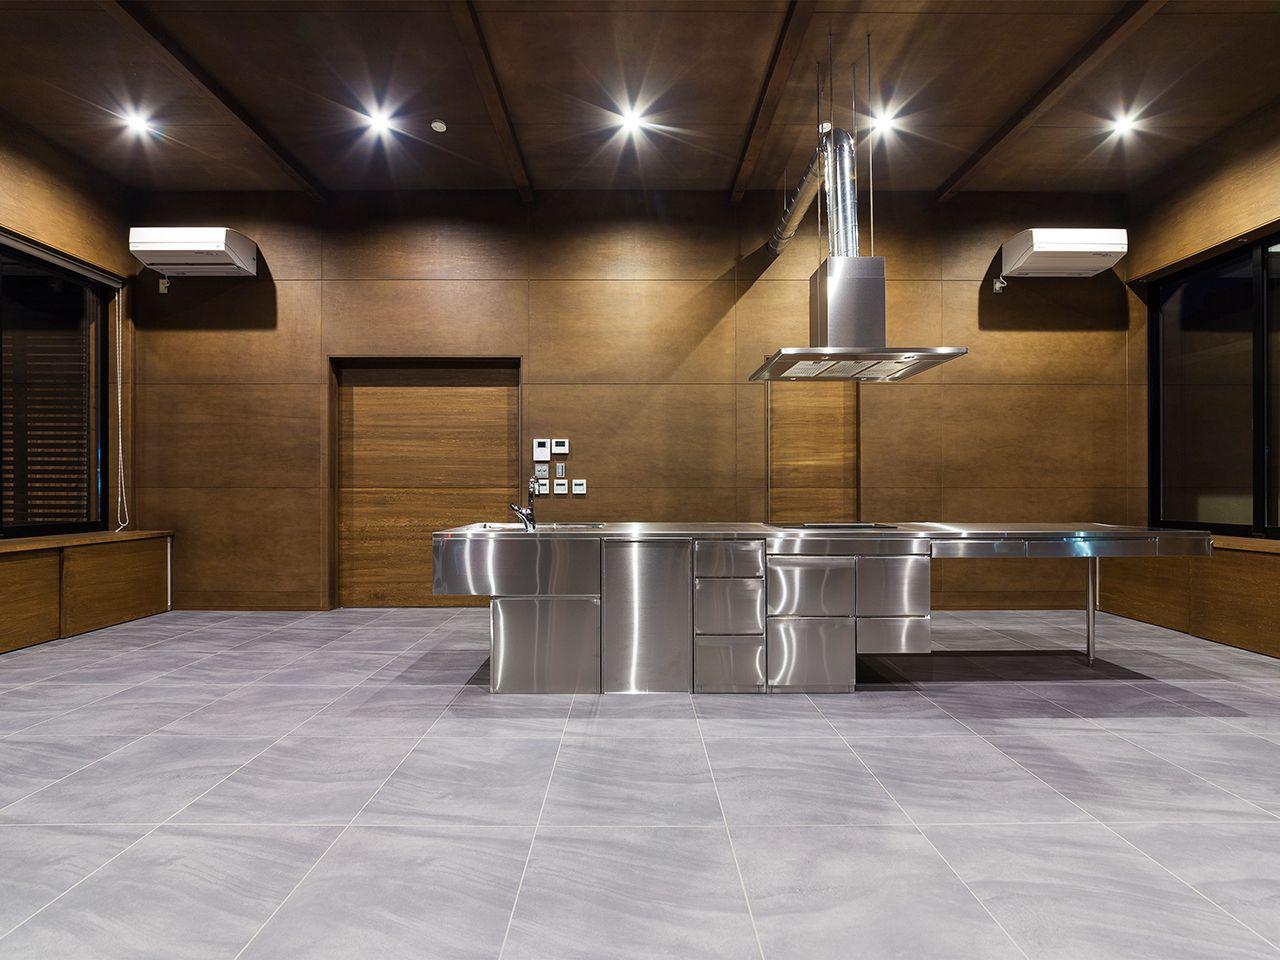 天井と壁はシナベニヤos塗装 ダークブラウン 仕上げ Basement Conference Room Home Decor